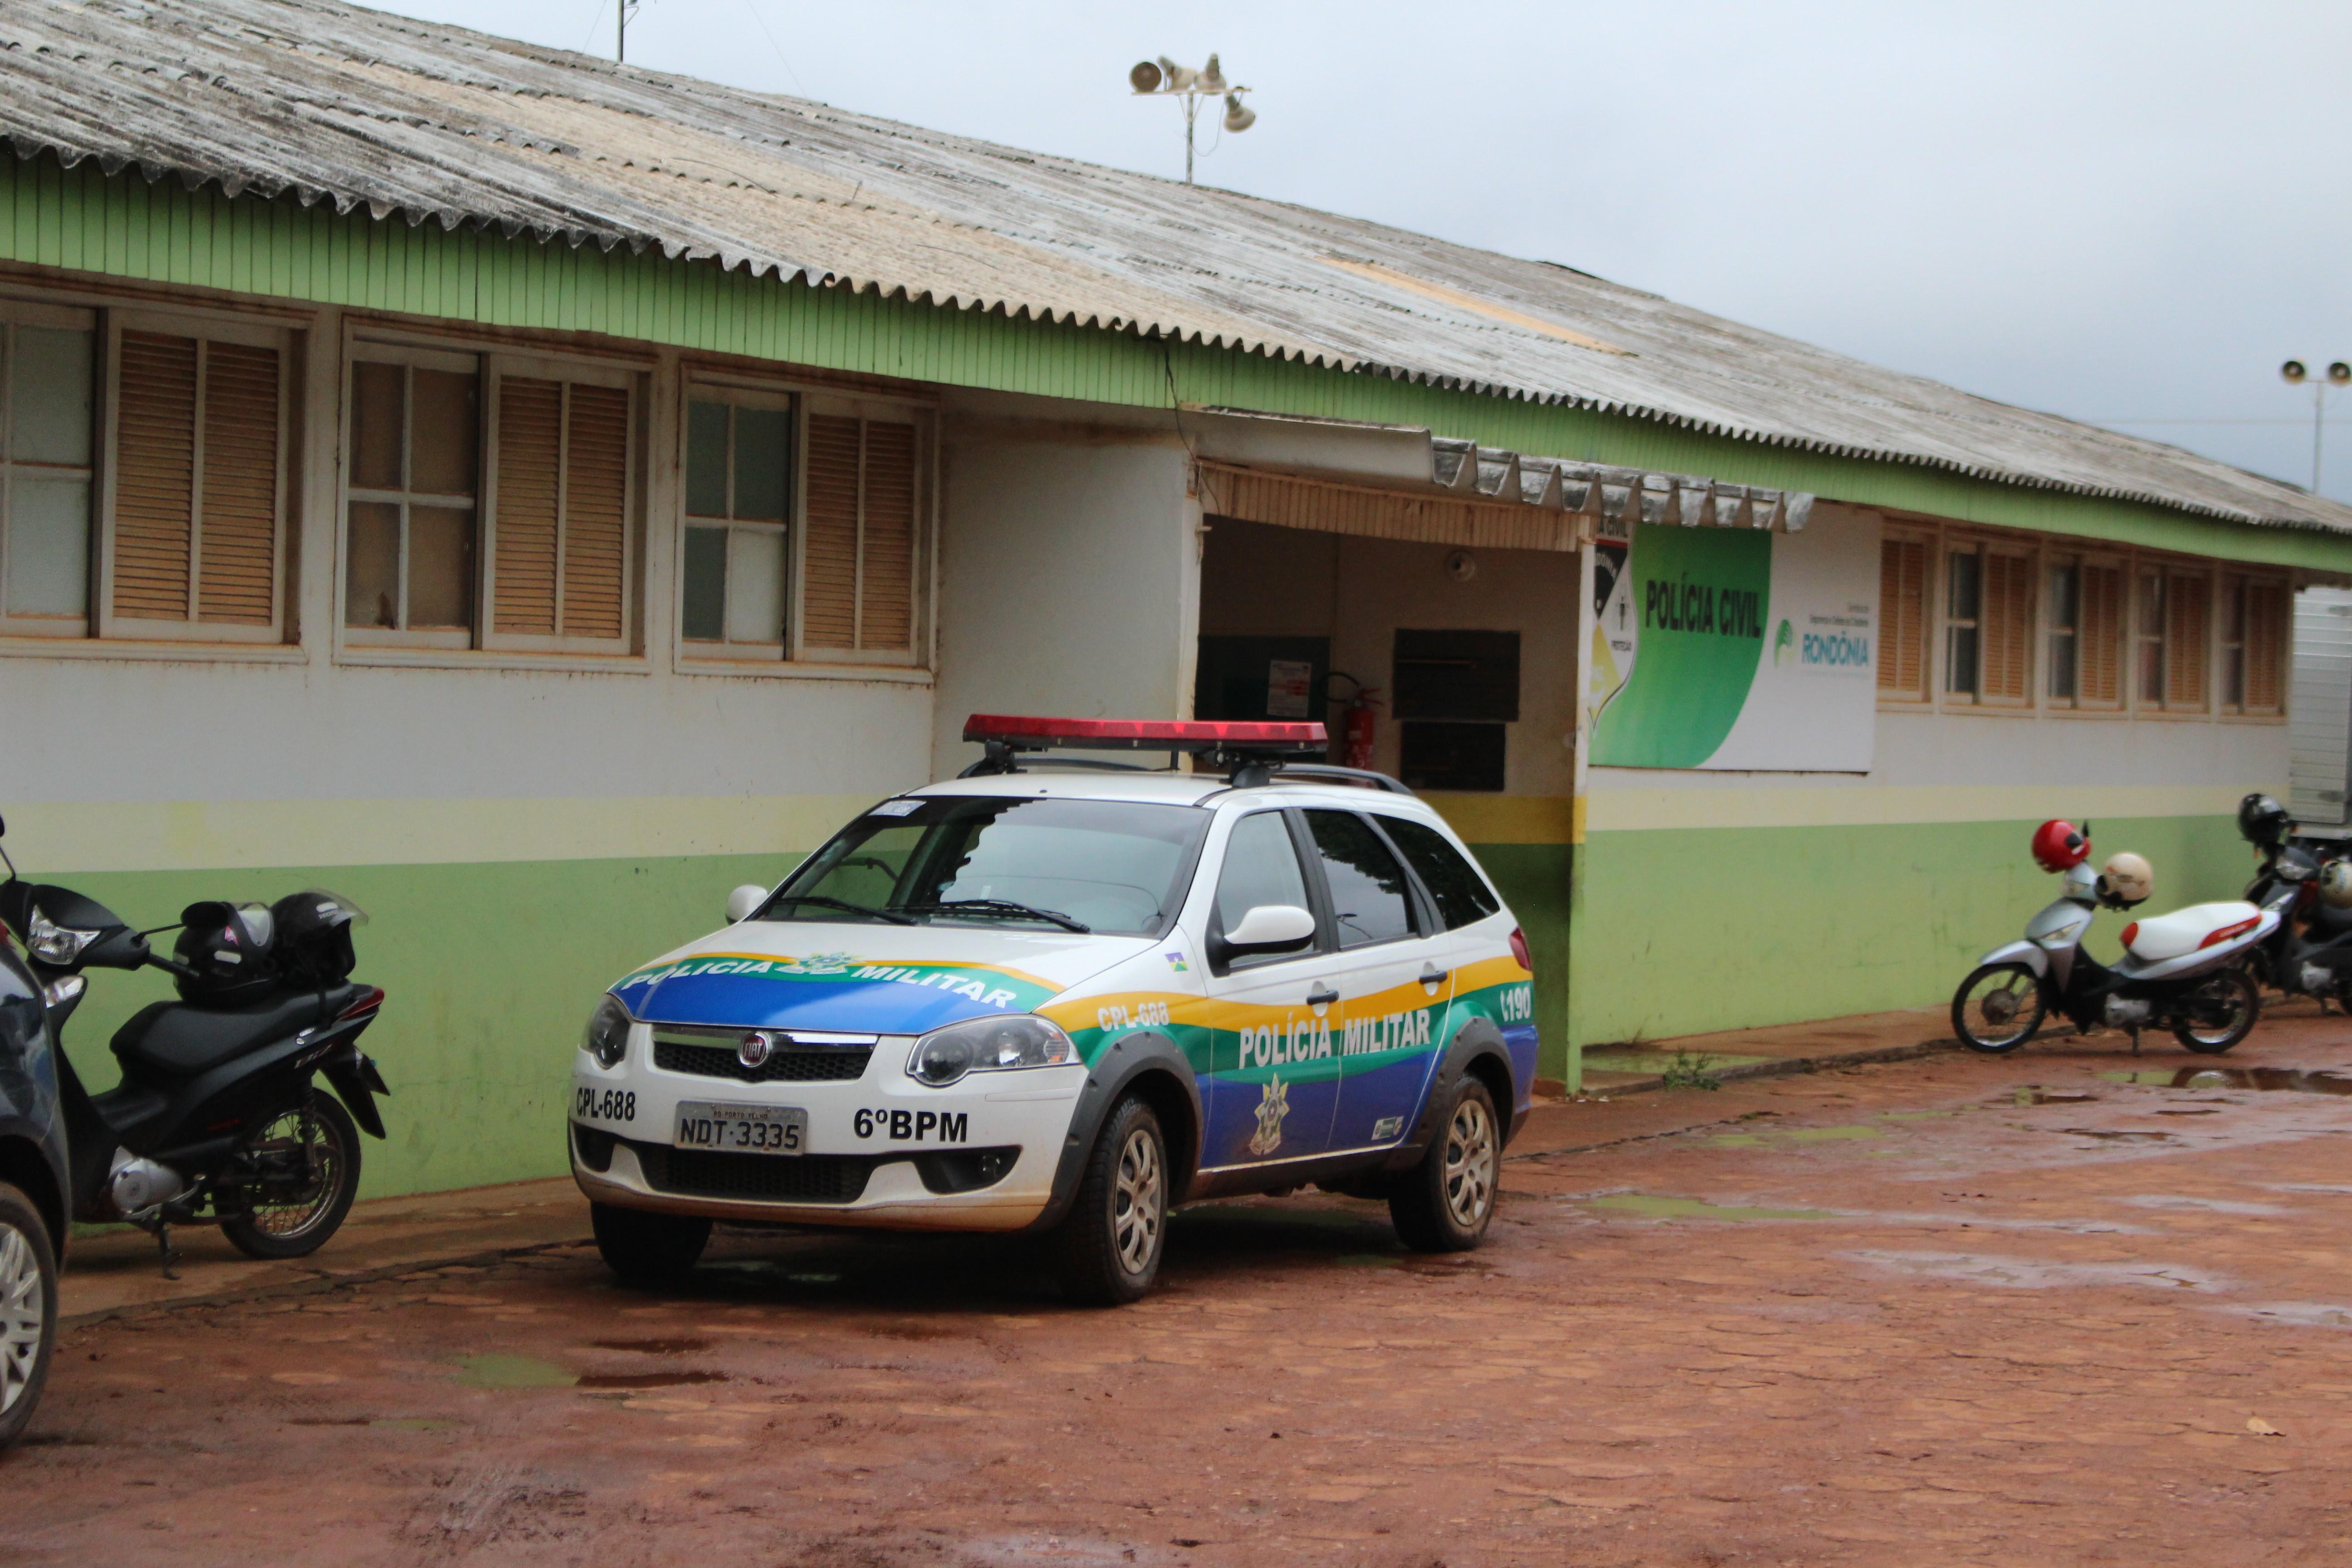 Blitz da Lei Seca remove 16 veículos irregulares e dois motoristas bêbados são presos em Guajará-Mirim, RO